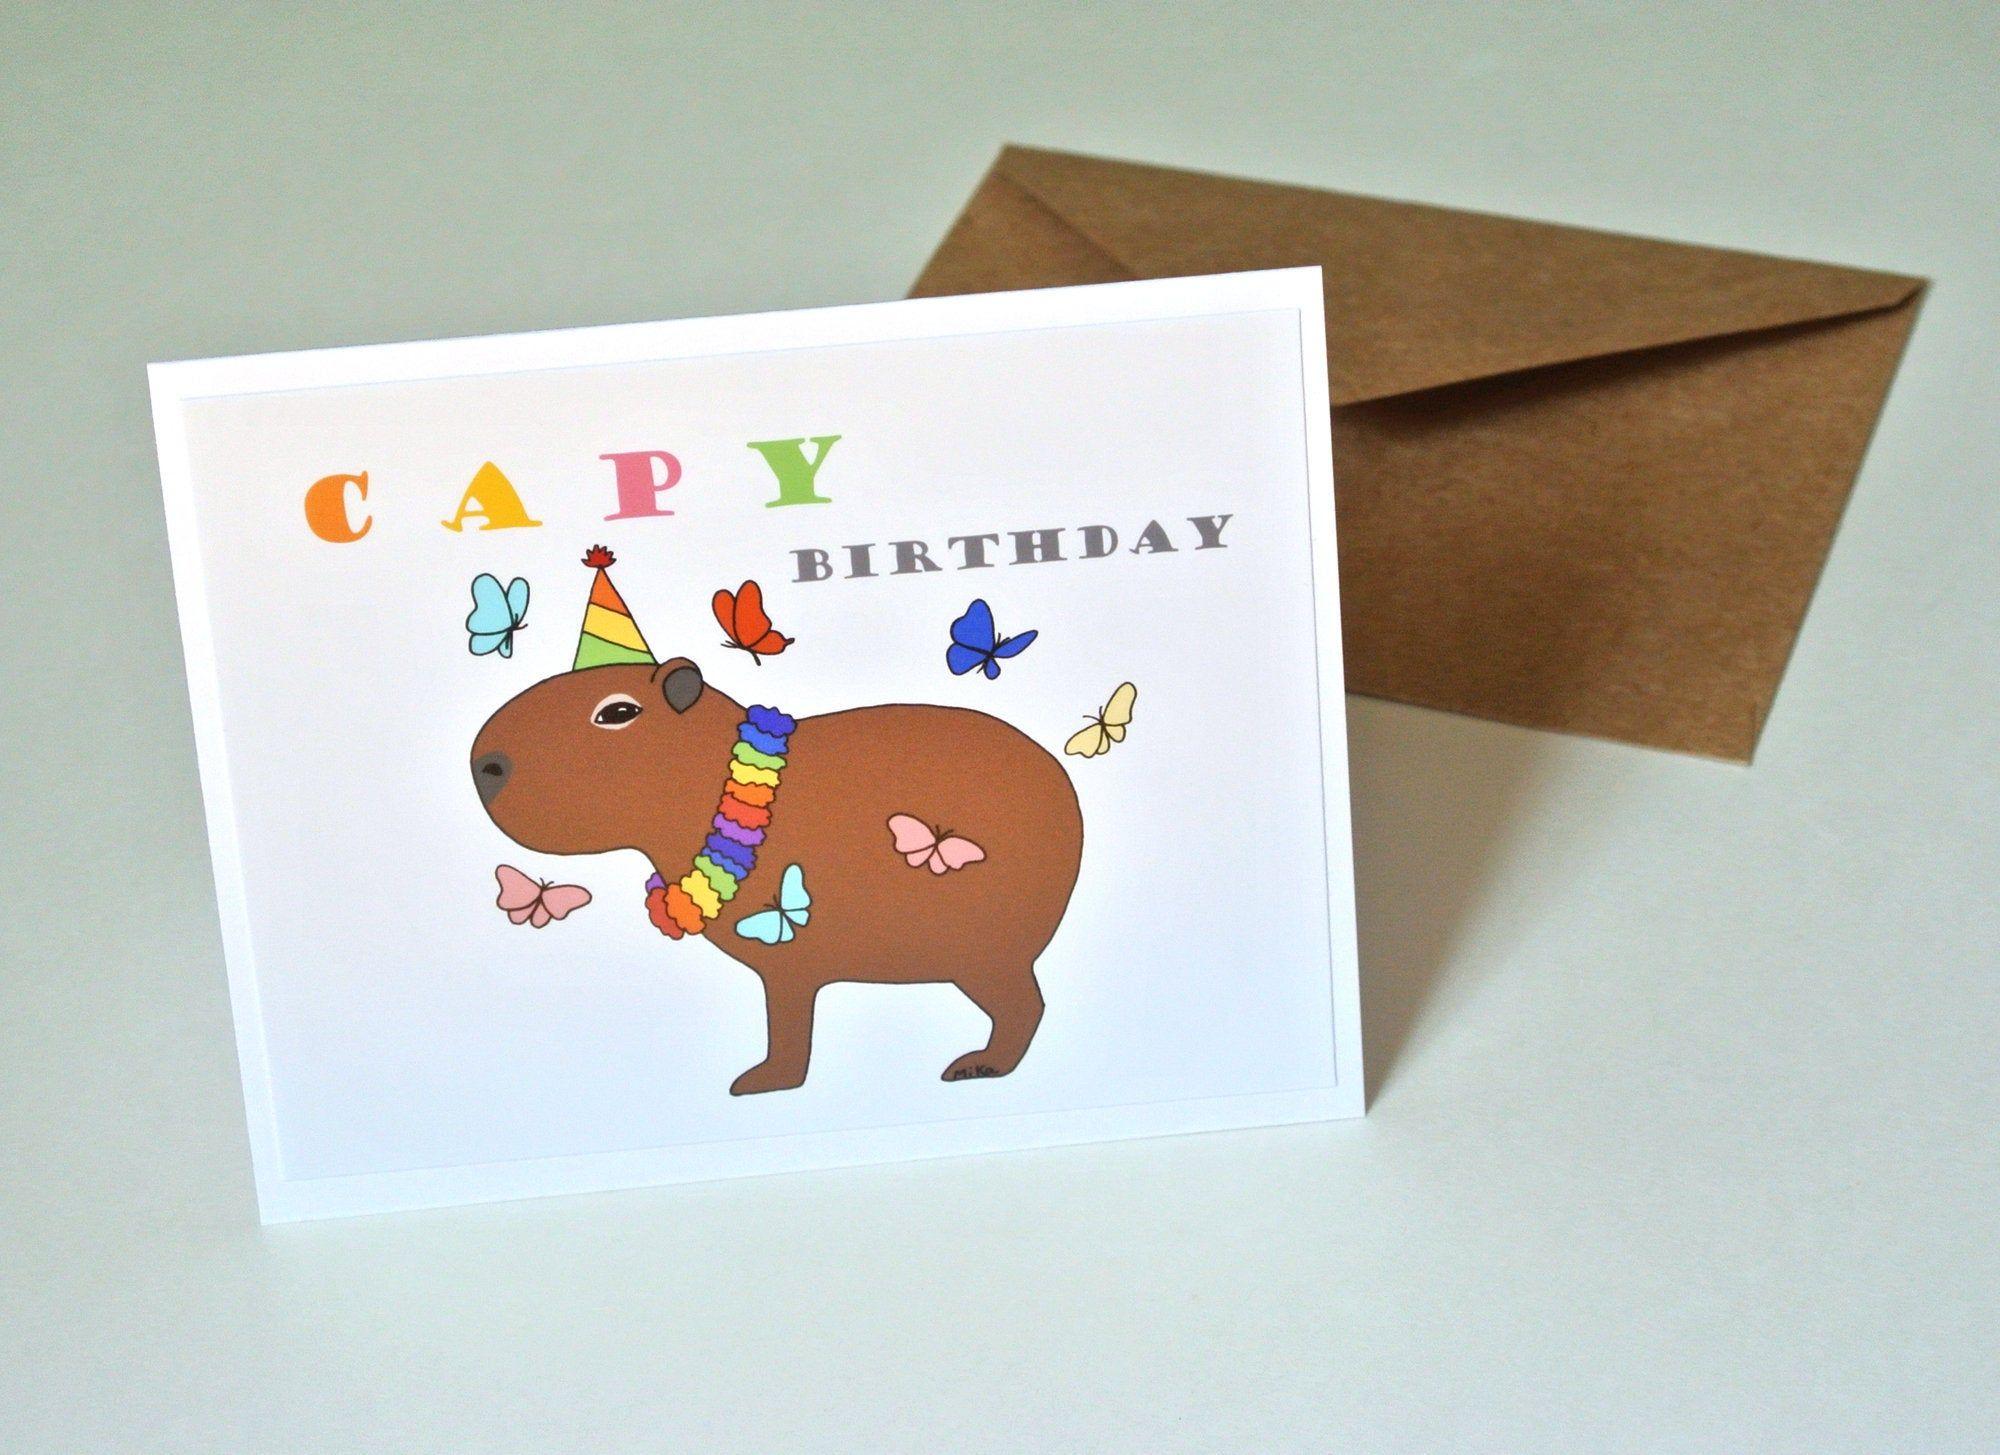 Capy Birthday Capybara Card Happy Birthday Card Funny Pun Cute Etsy Happy Birthday Card Funny Funny Birthday Cards Happy Birthday Cards